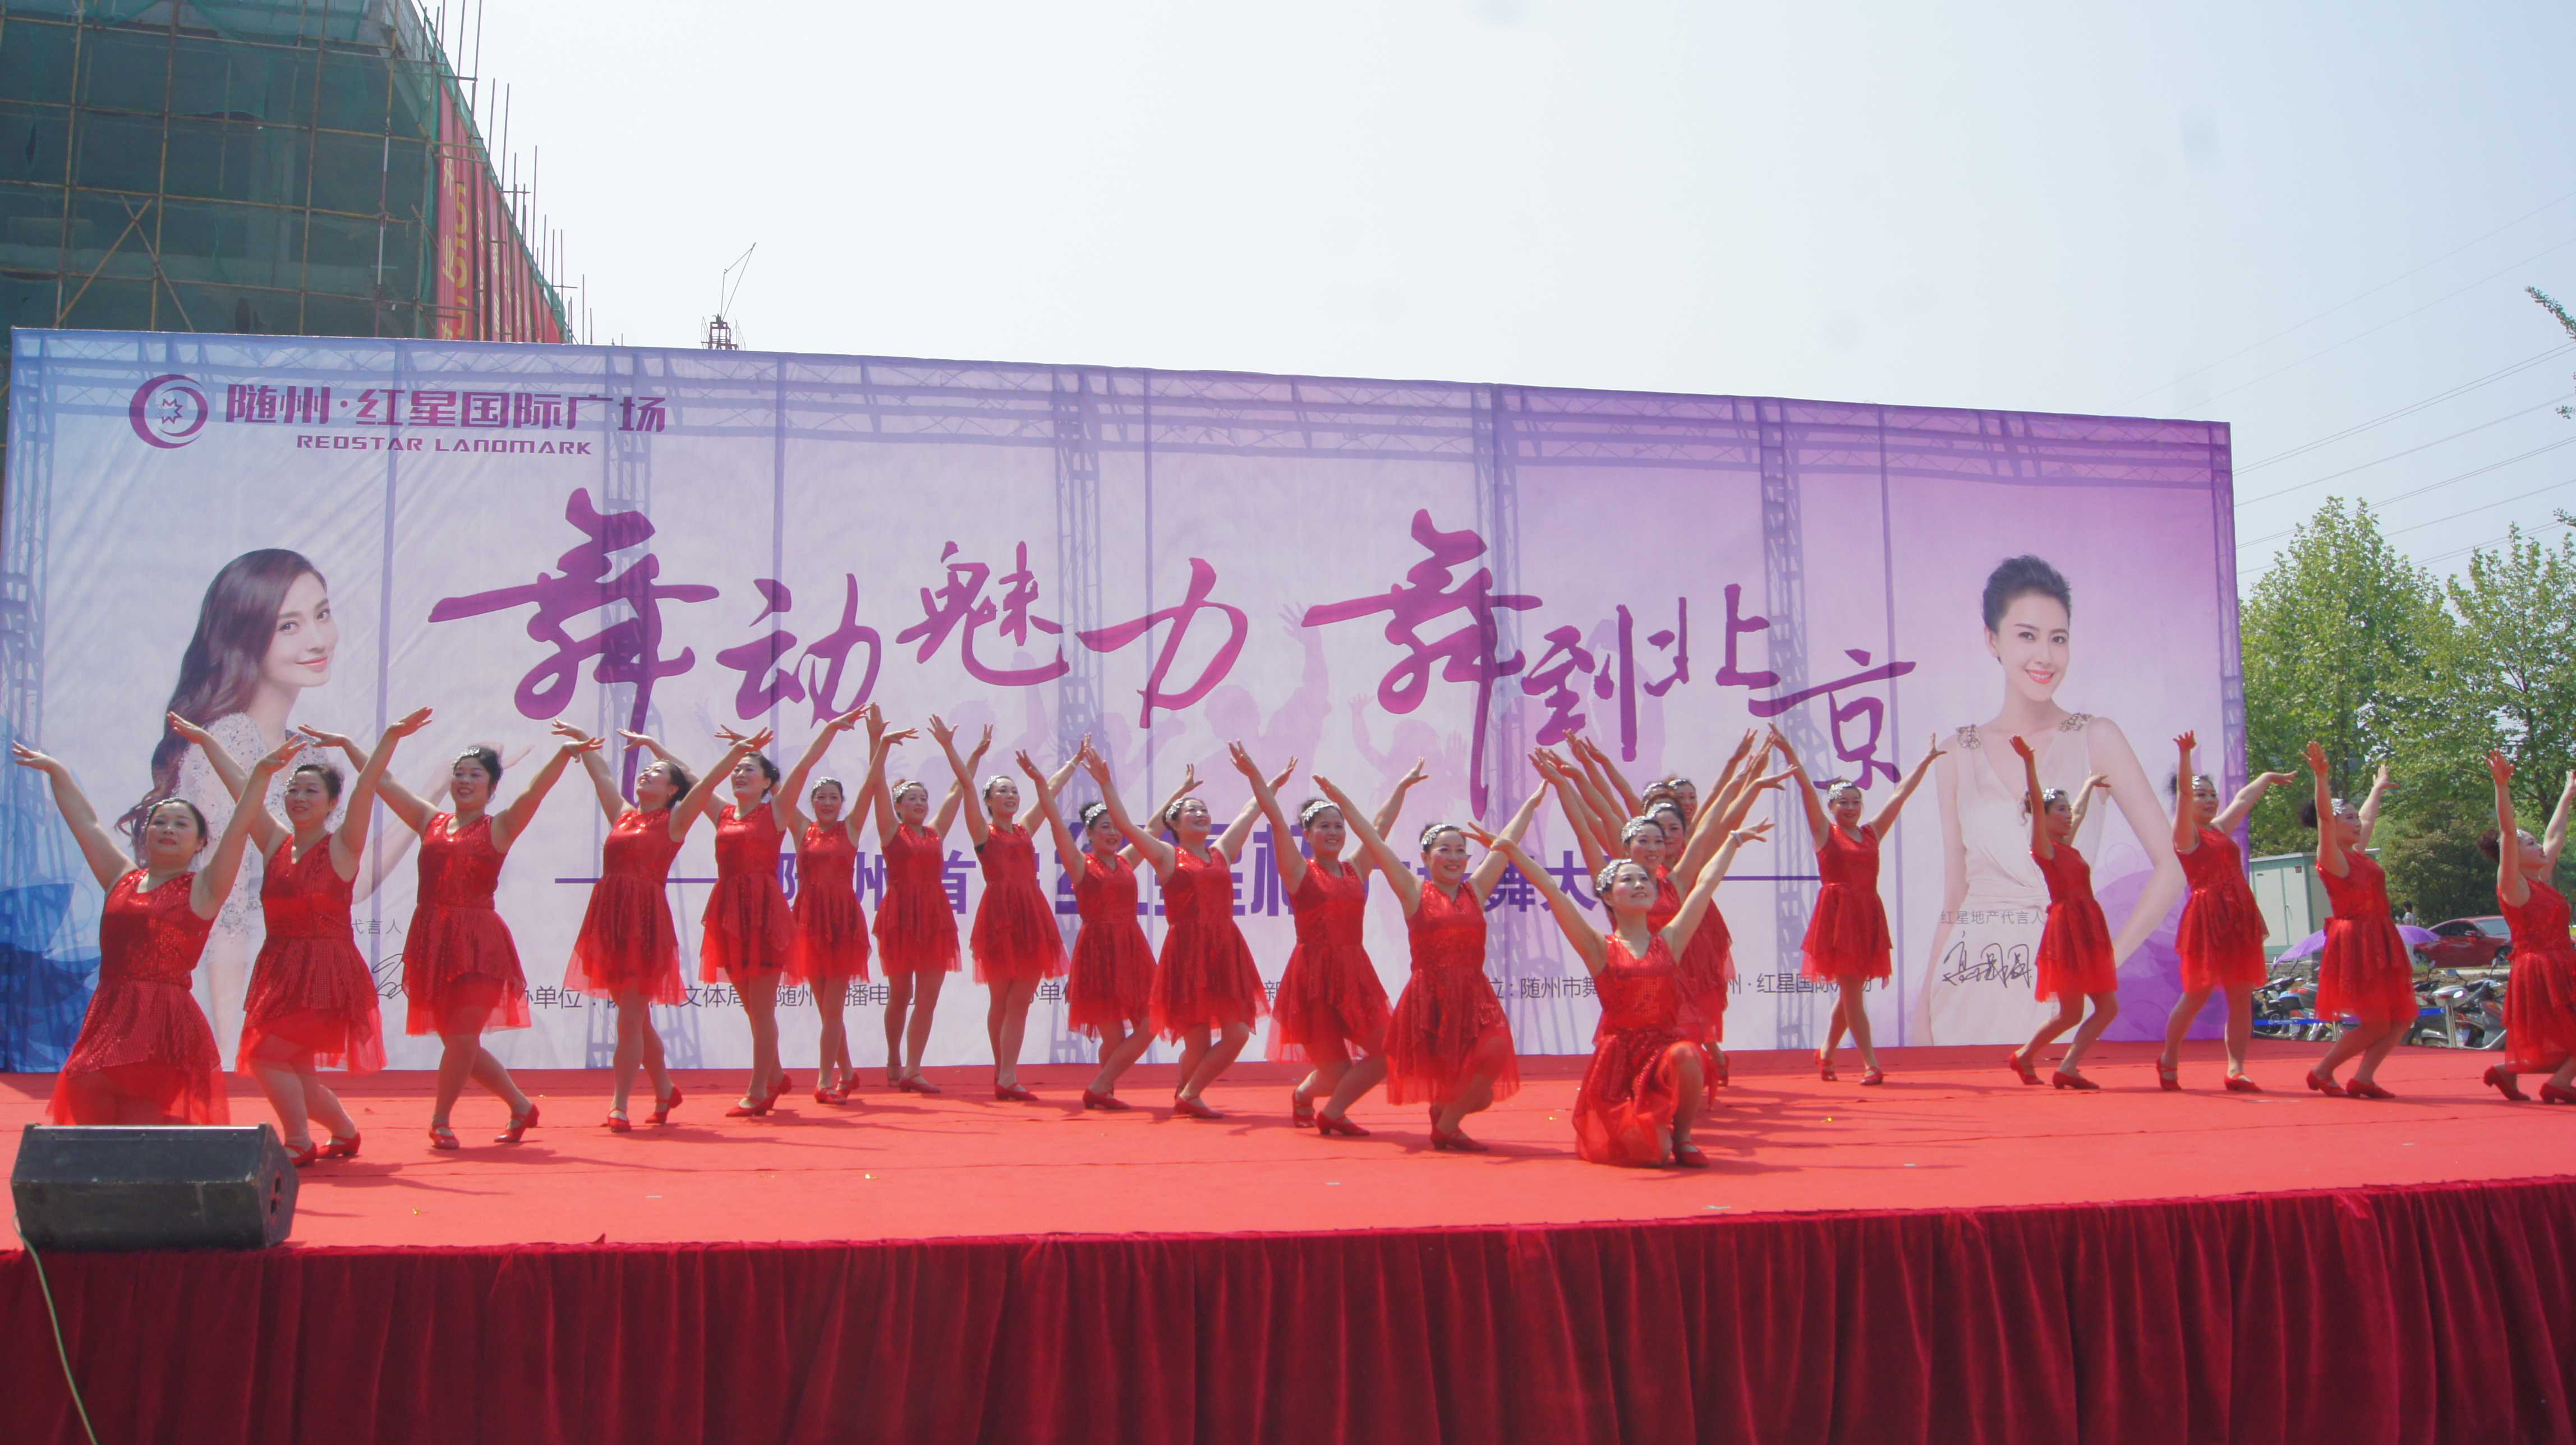 地税广场艳丽舞蹈队《舞动中国》